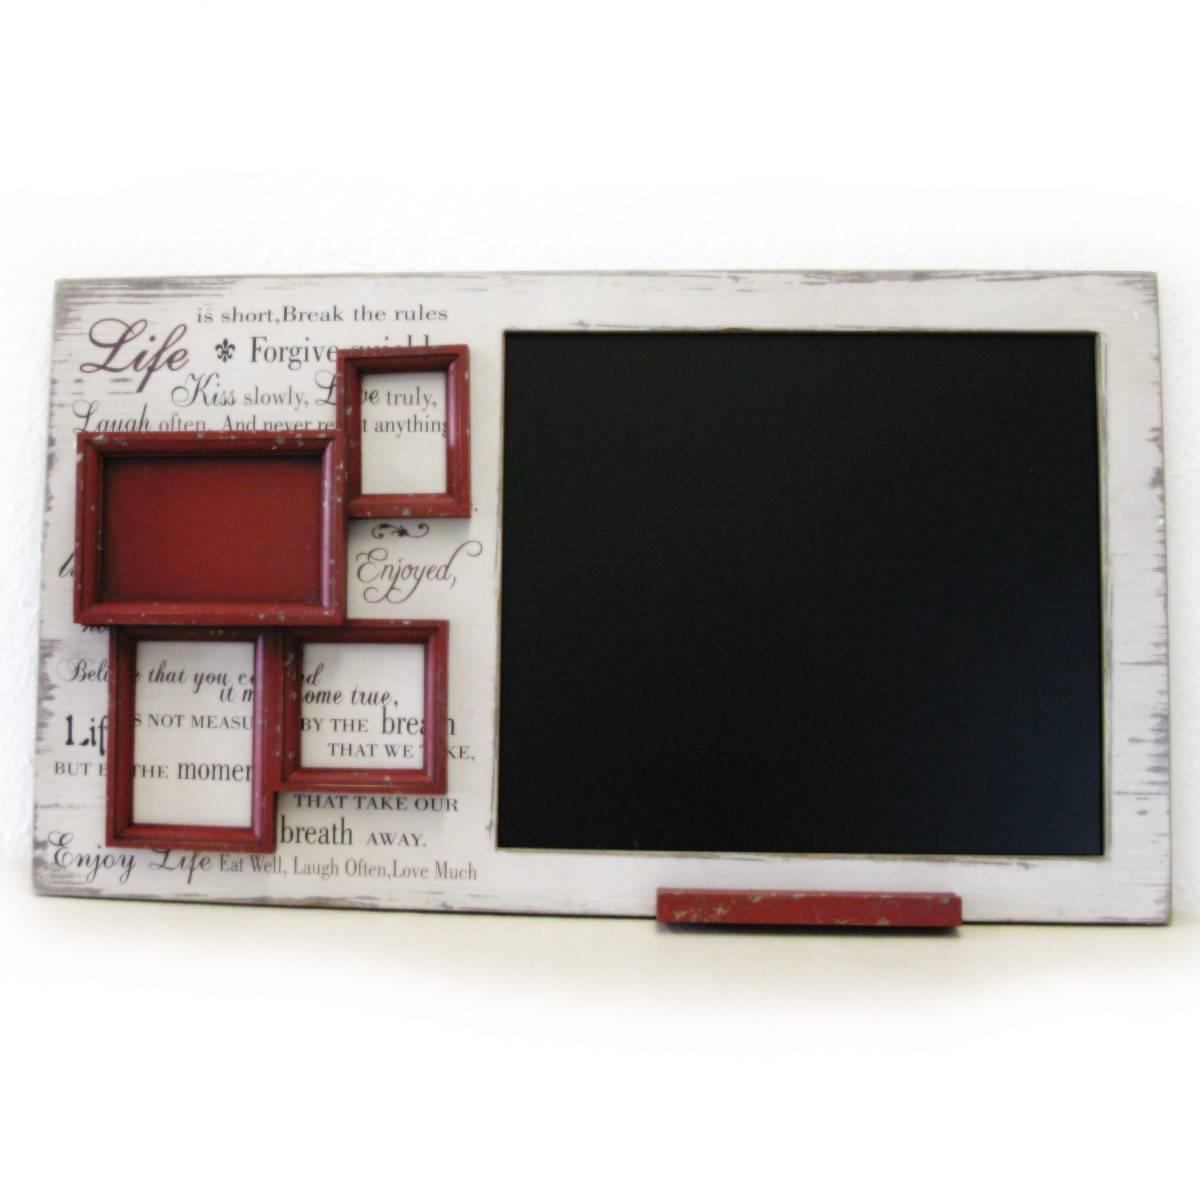 Tabule na vzkazy s fotorámečky - Kolouch Import + dárek k nákupu